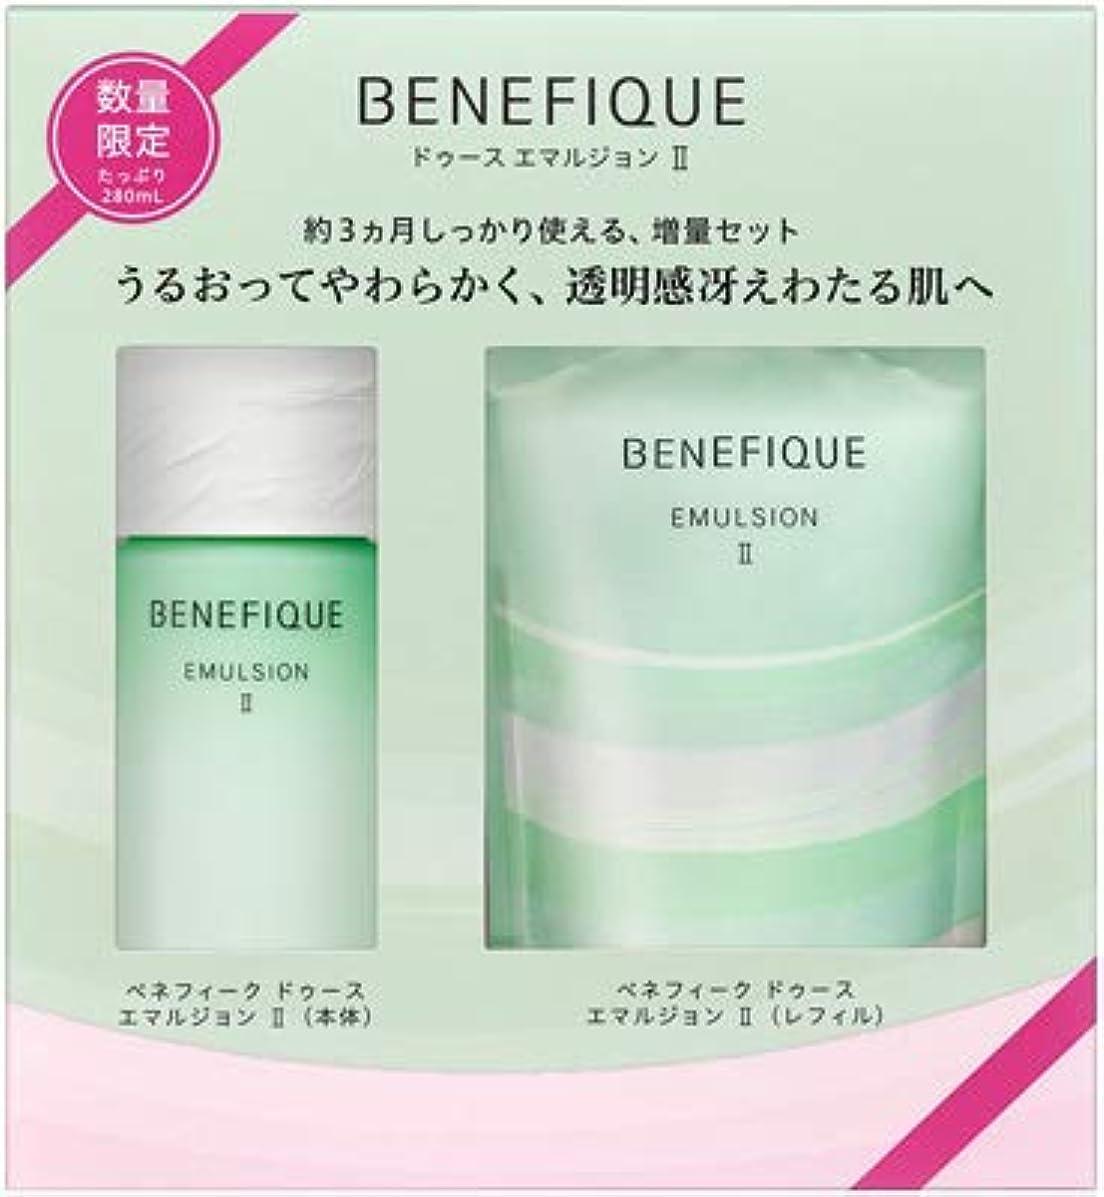 ベネフィーク ドゥース エマルジョン Ⅱ 増量セット(乳液)